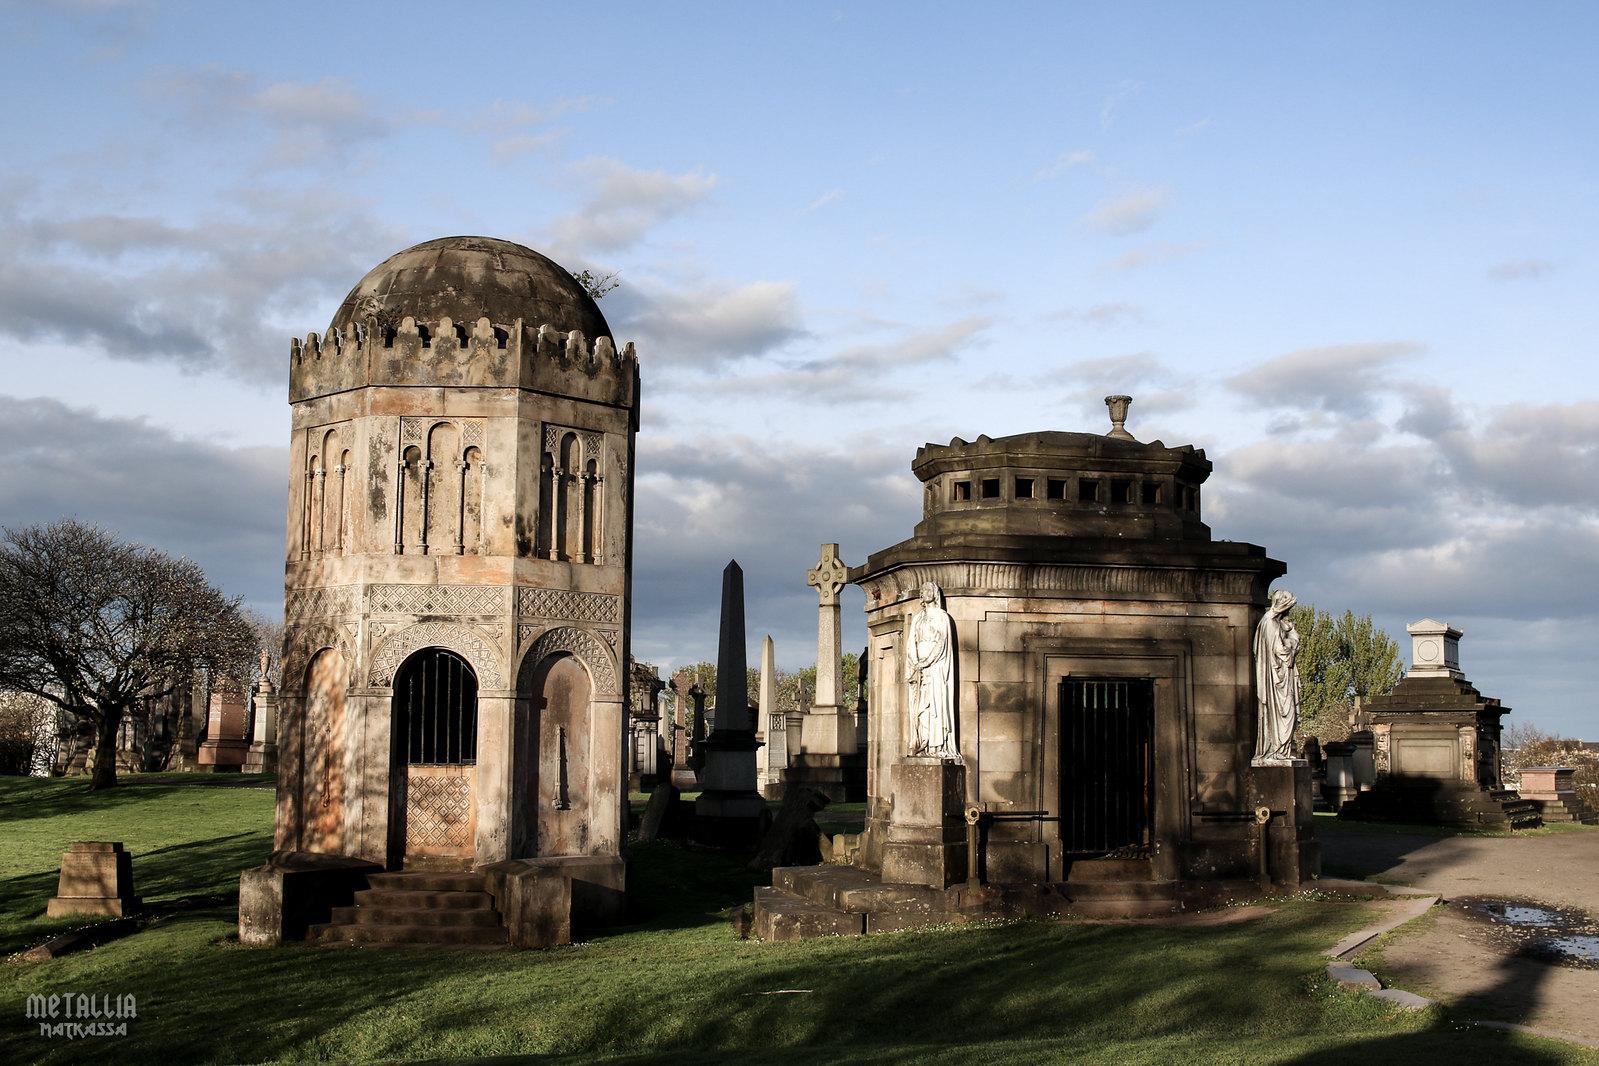 glasgow necropolis, glasgow cemeteries, victorian cemeteries